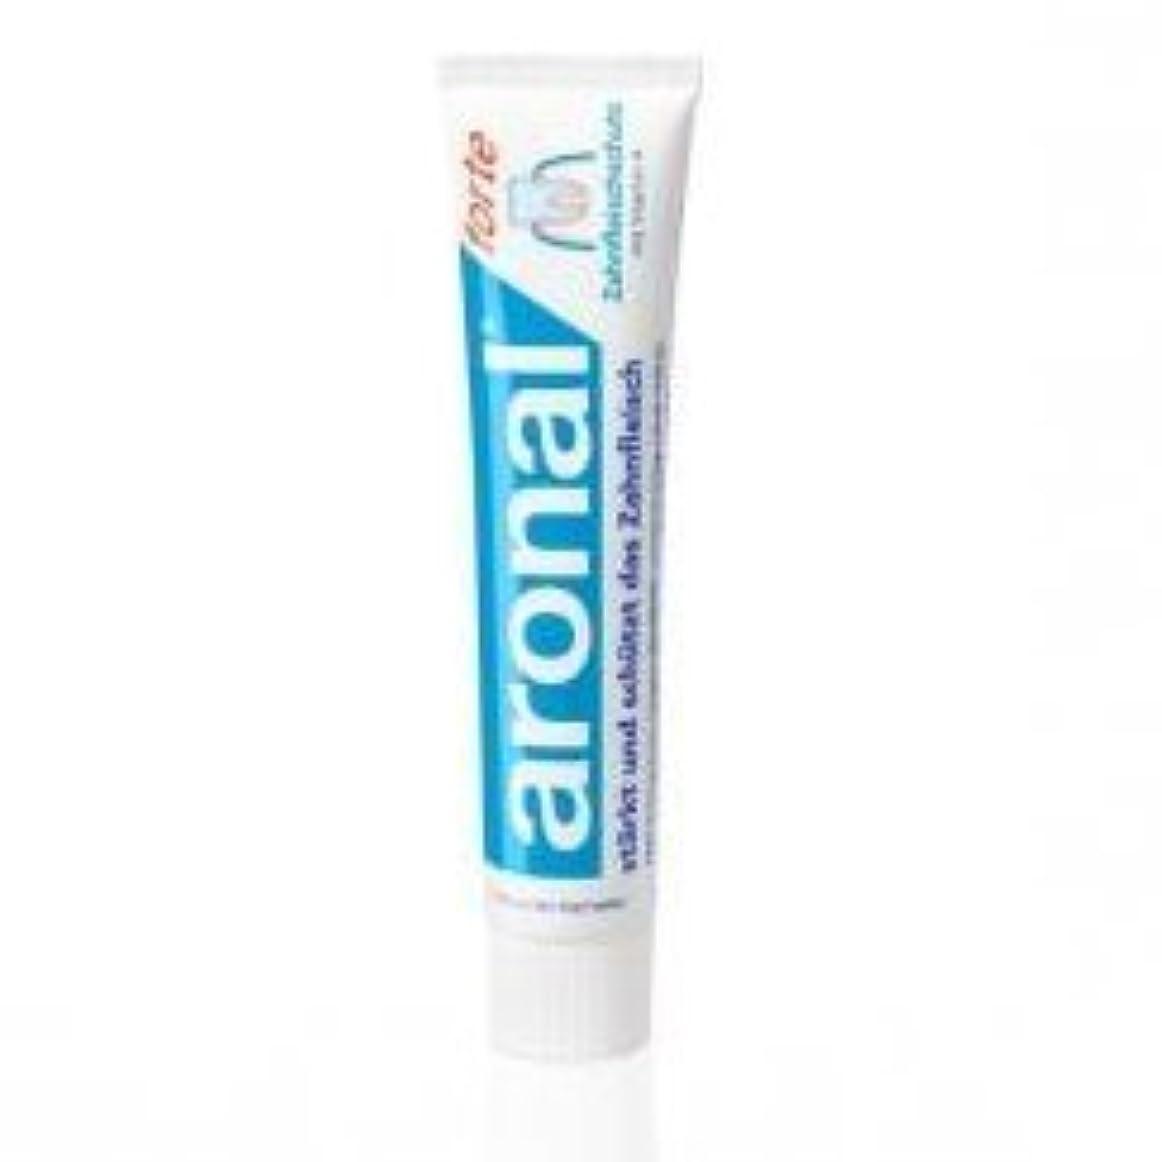 触手暗殺者しつけアロナール(ビタミンA配合) 歯磨き粉 75ml x 1Pack (elmex aronal toothpaste 75ml) 【並行輸入品】